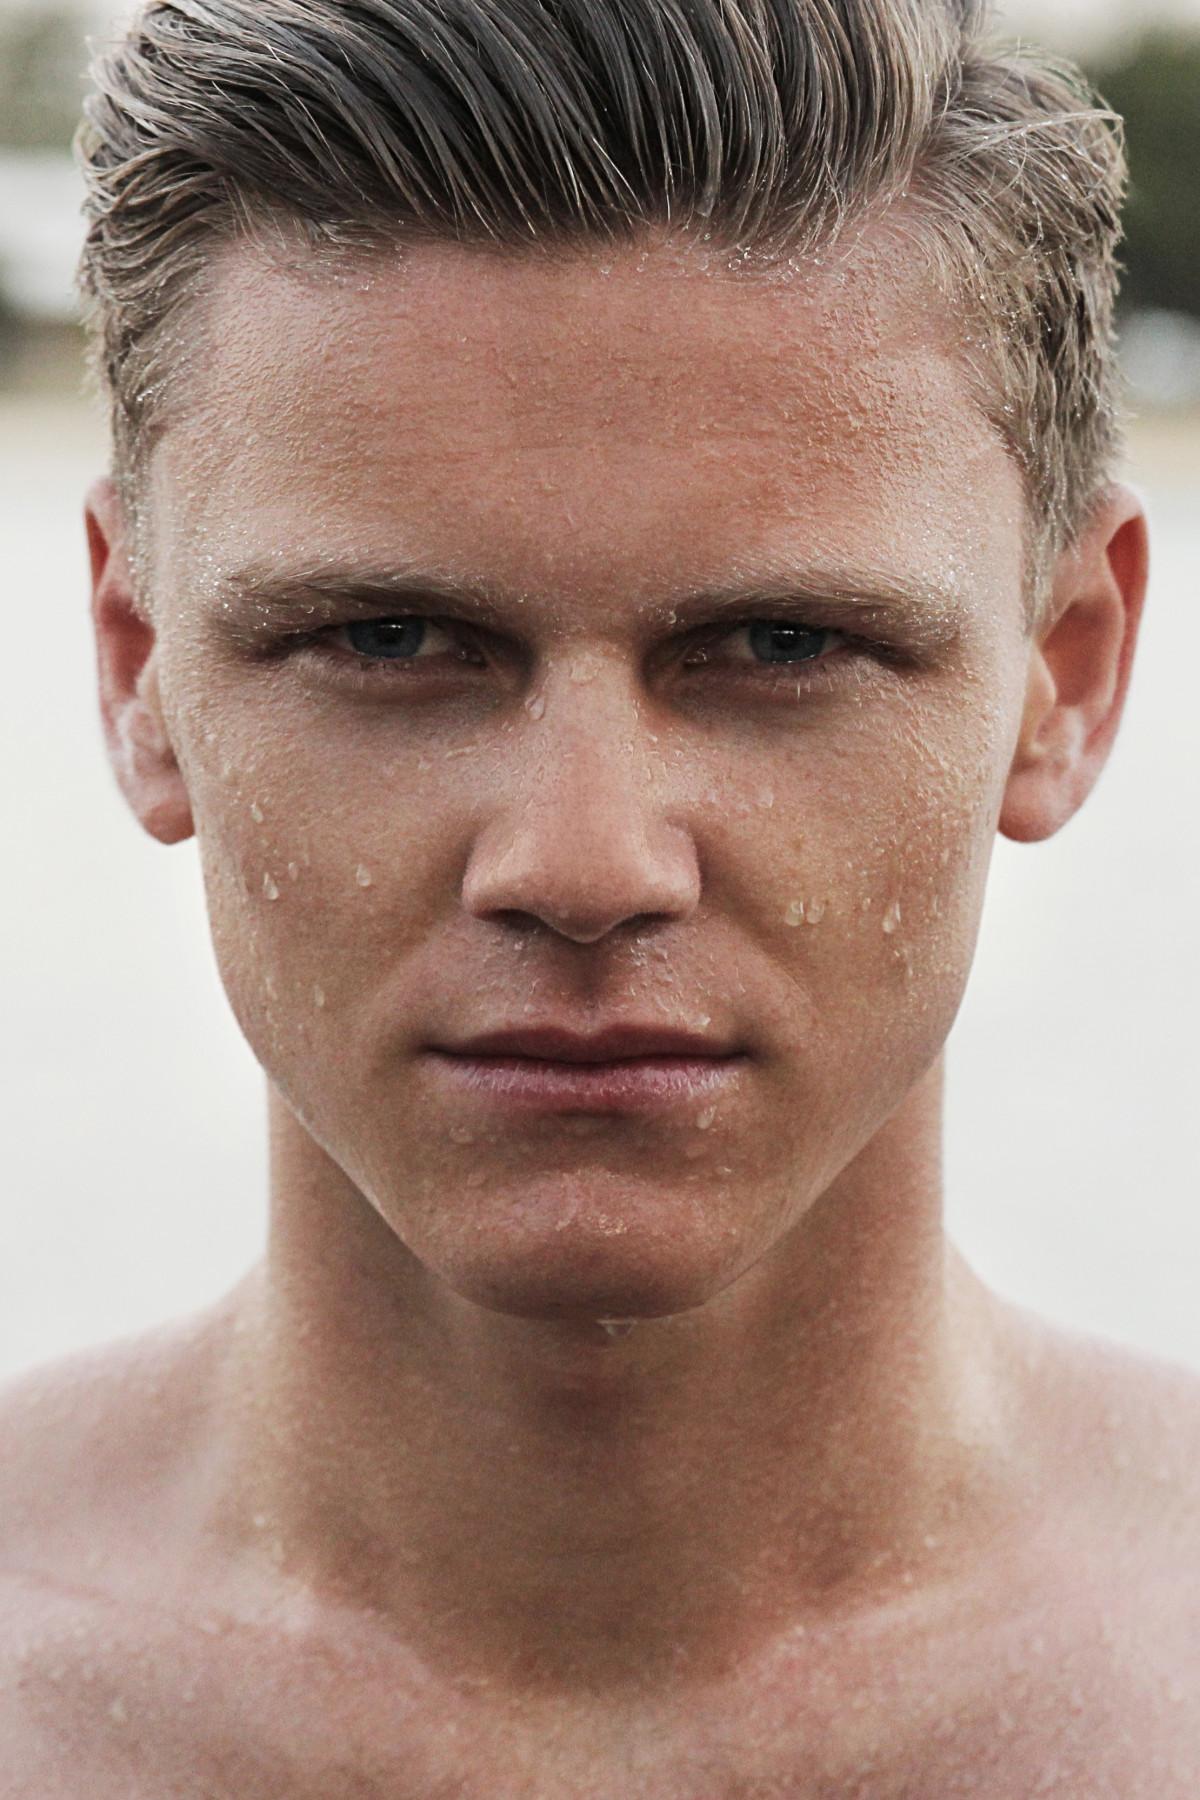 Popolare Immagini Belle : uomo, persona, capelli, bagnato, analizzare  GS67